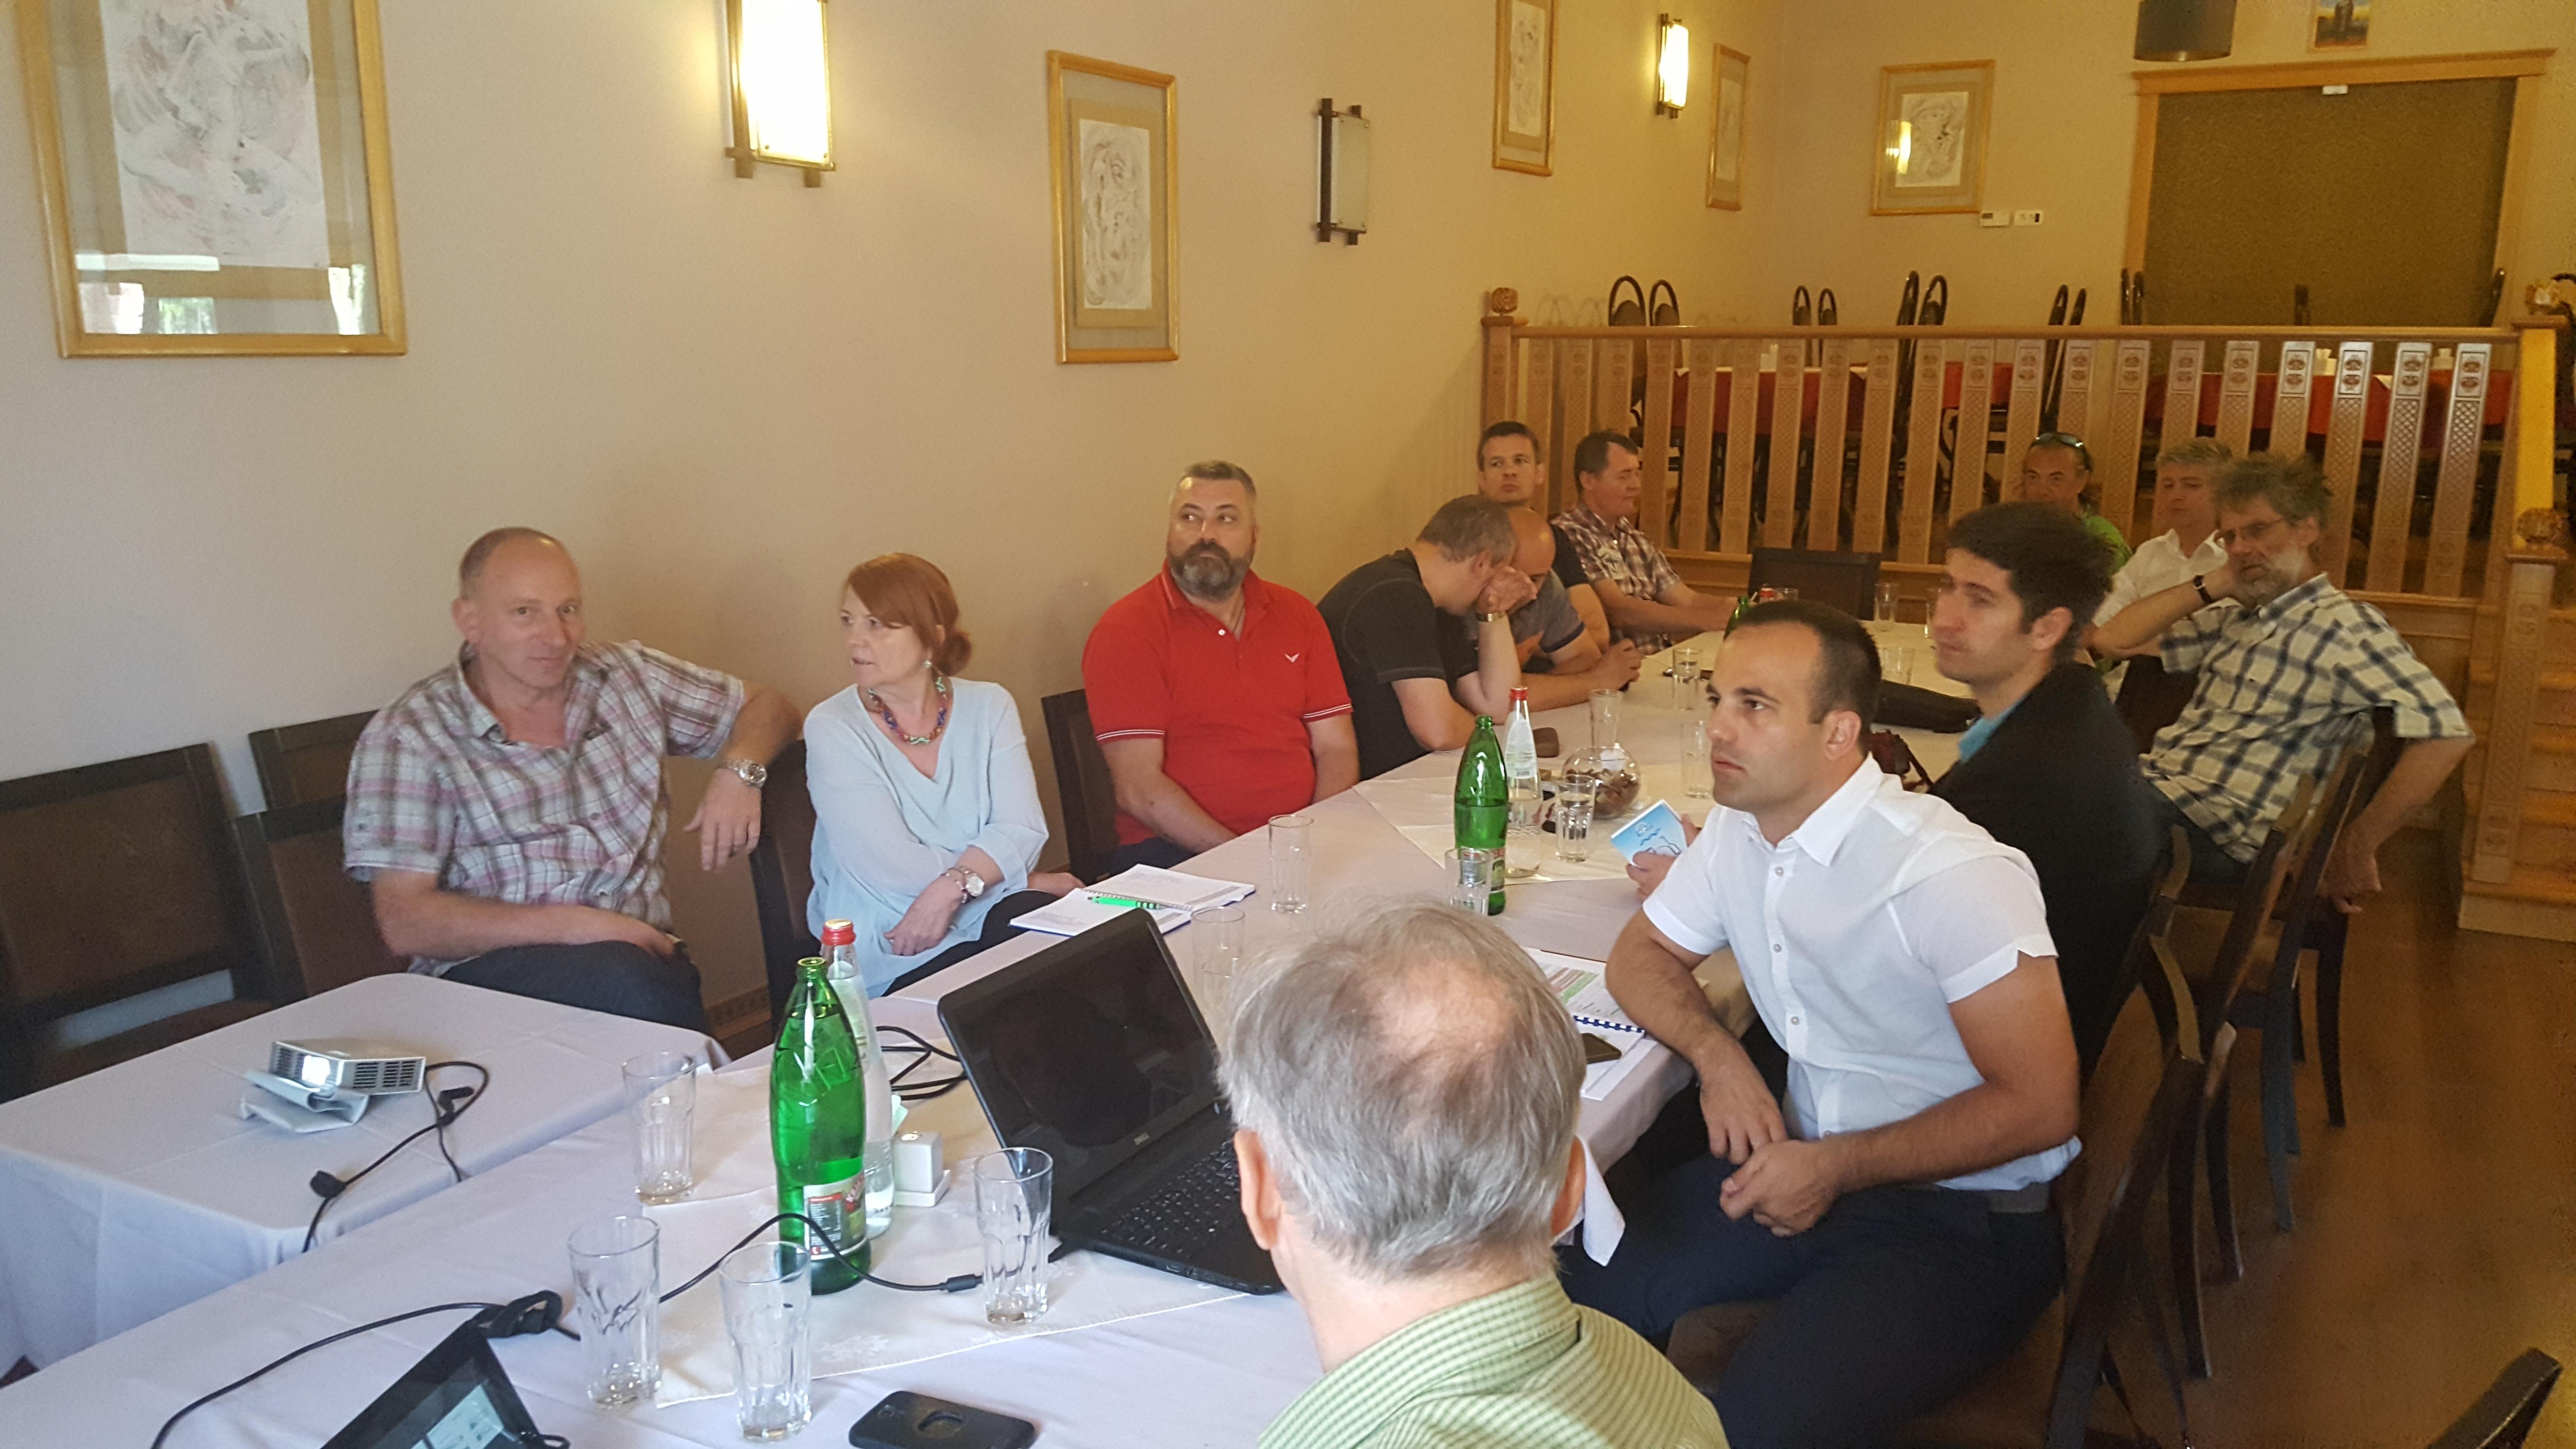 Drugi sastank Ciklo grupe u Srpskoj Crnji